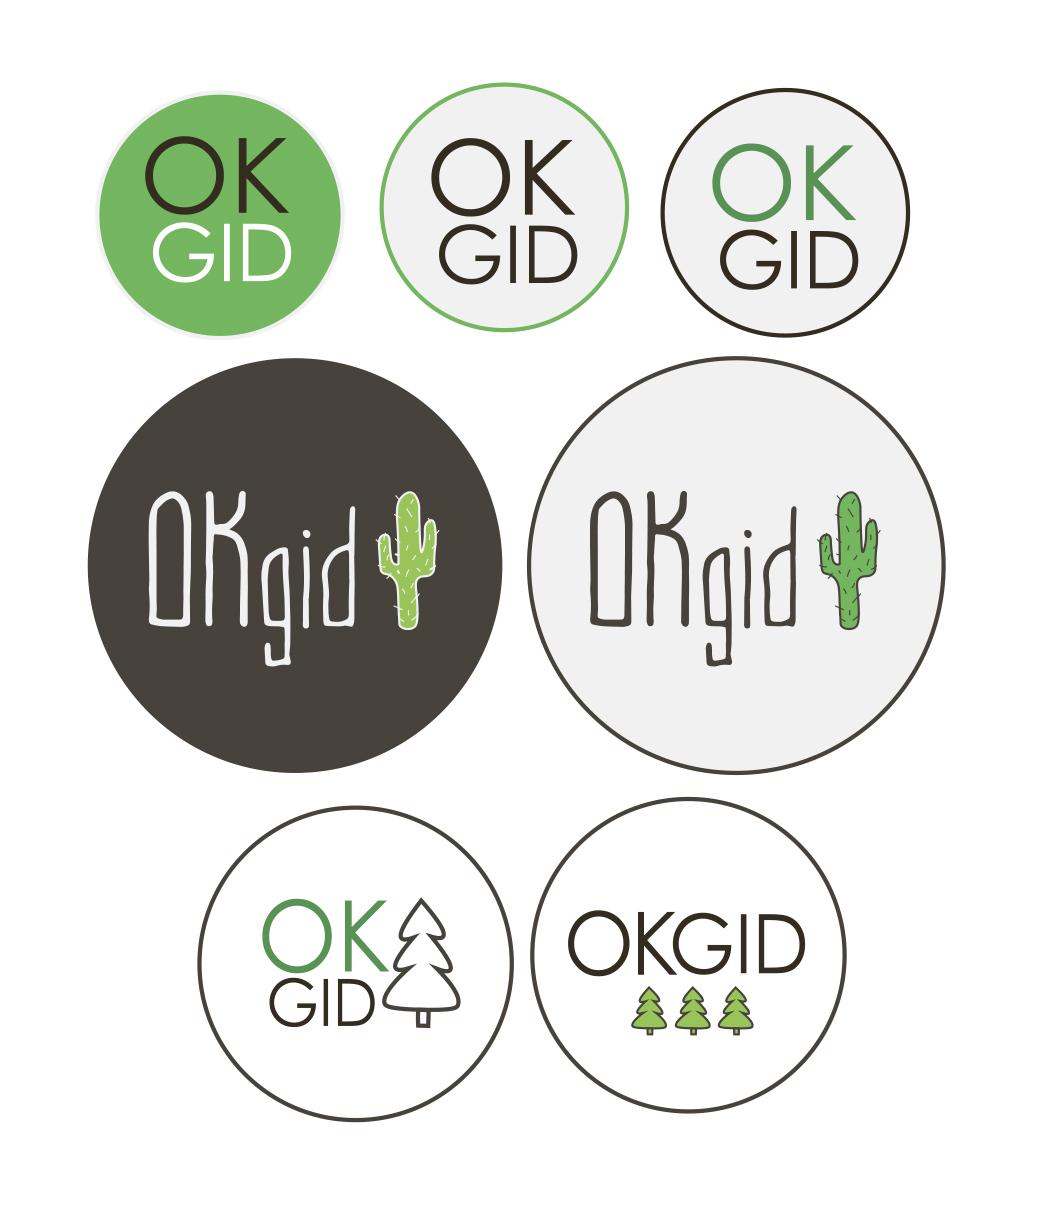 Логотип для сайта OKgid.ru фото f_07357c7eabec36ff.jpg